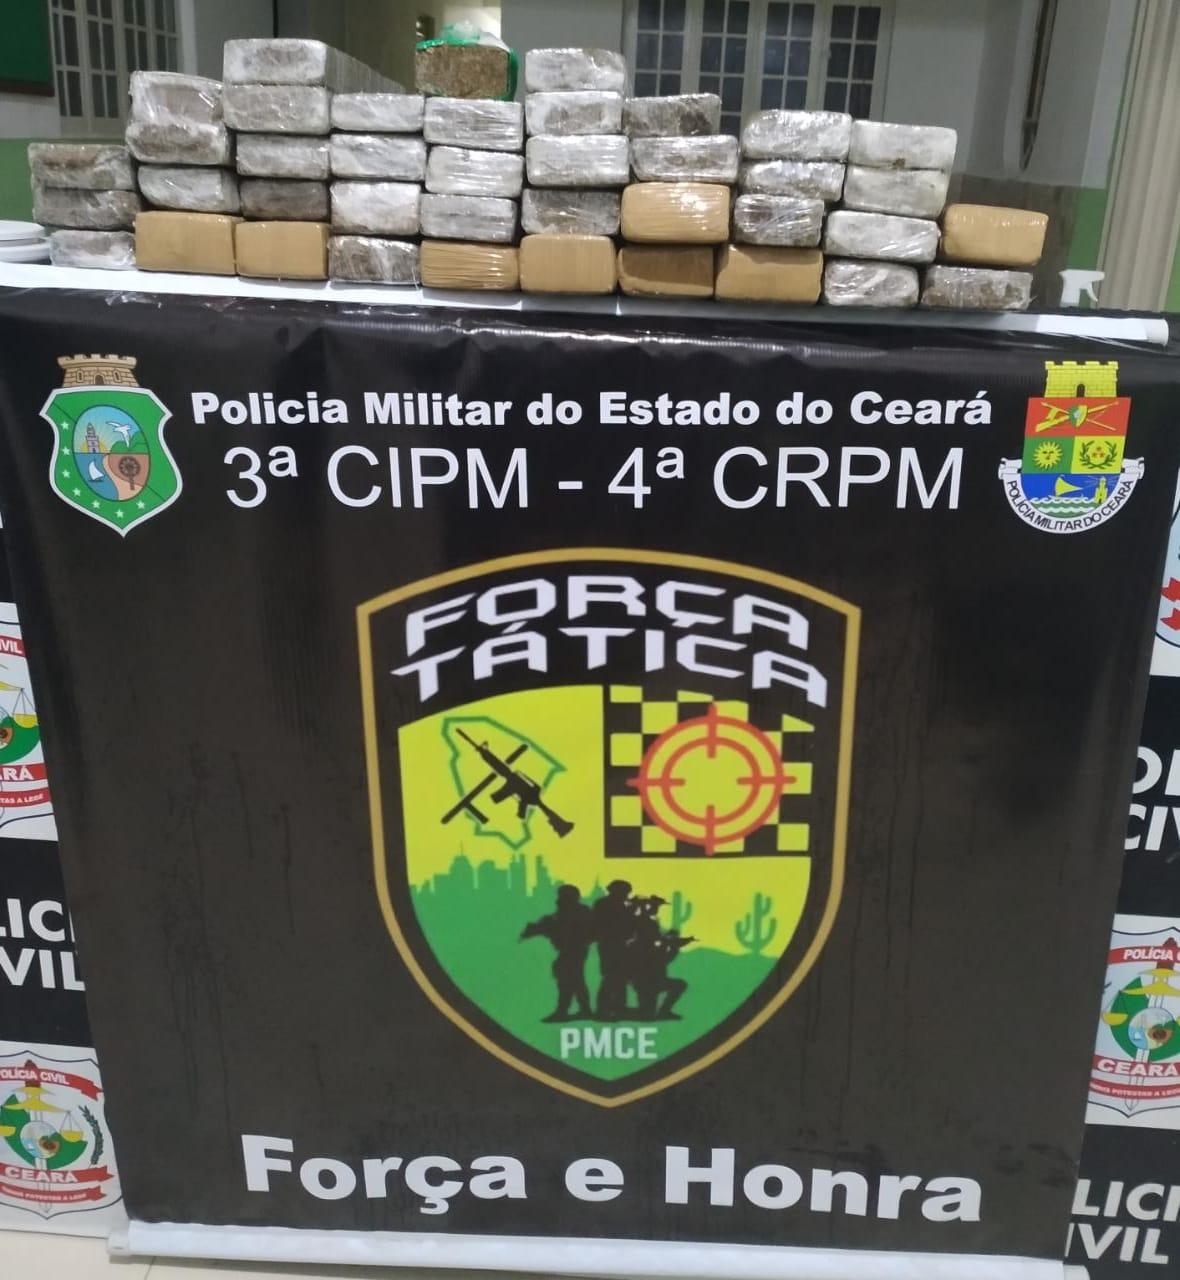 Quase 30 quilos de maconha foram apreendidos em um ônibus que vinha de São Paulo na cidade de Brejo Santo